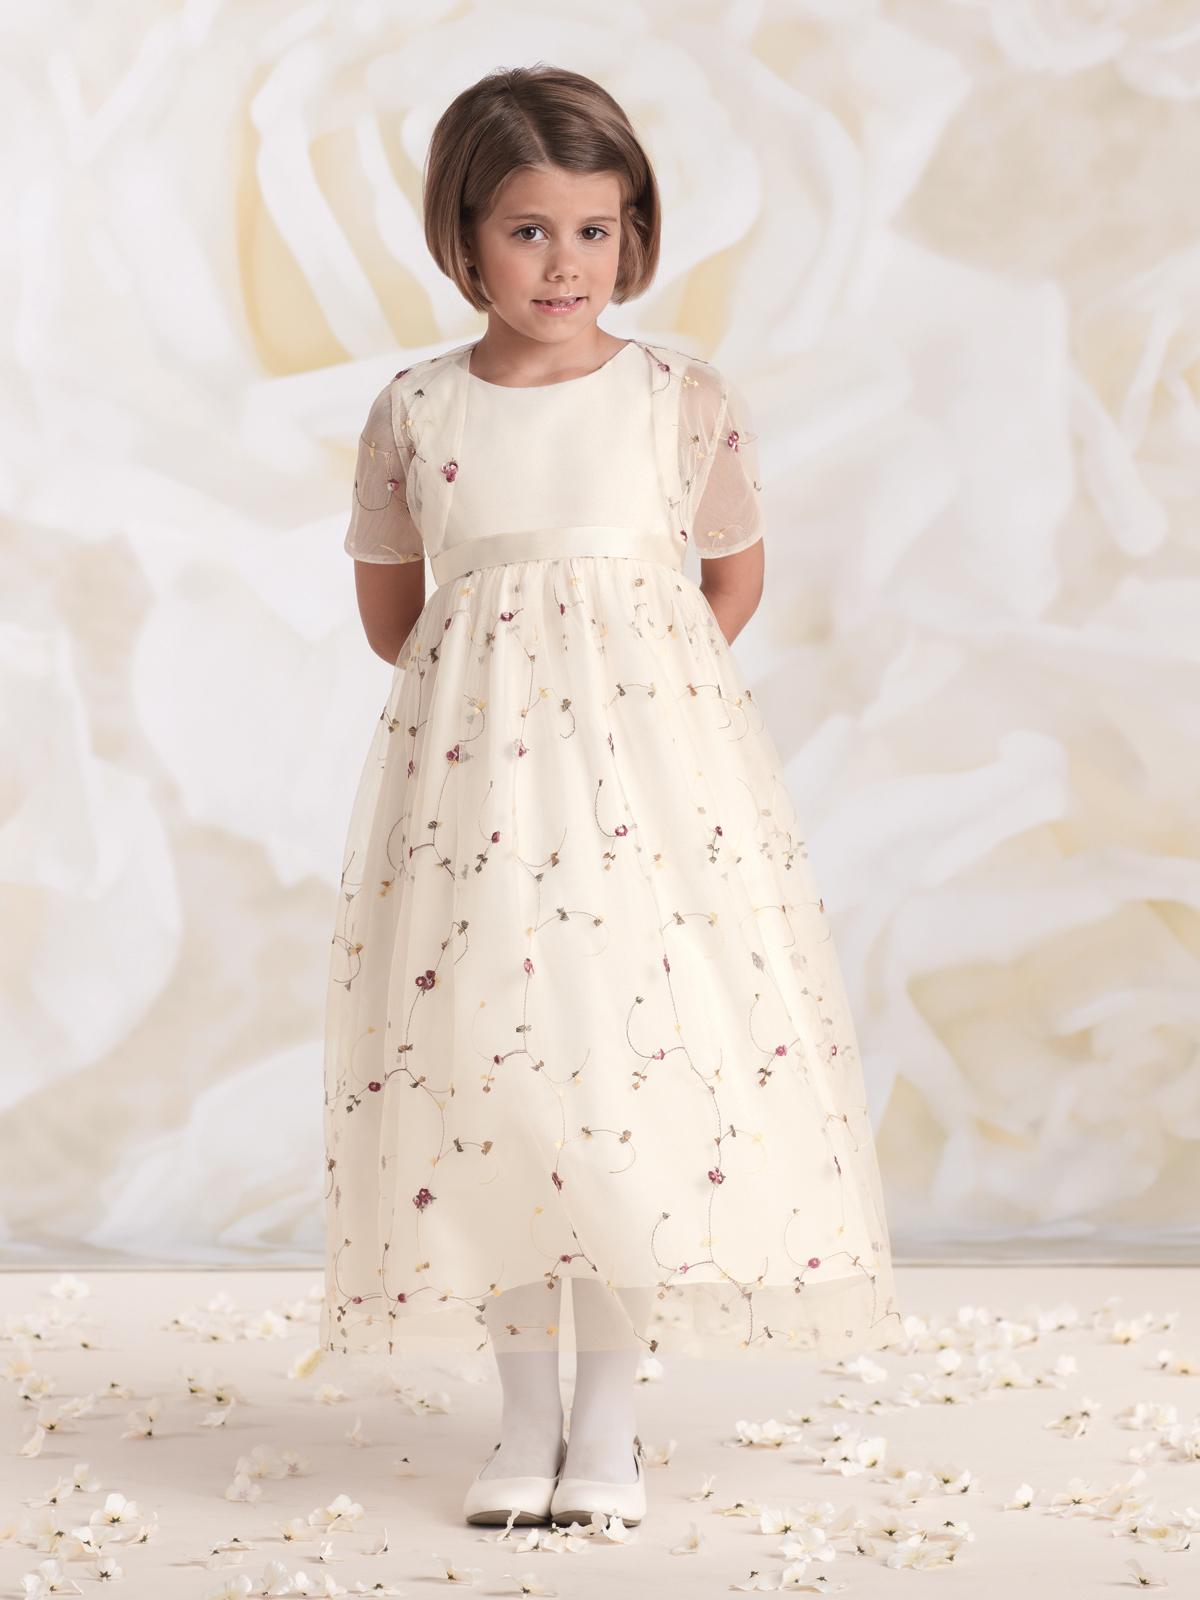 Vestido de Dama com corpo em cetim, saia franzida em organza bordada em fio de seda e bolero de manga curta avulso também bordado.